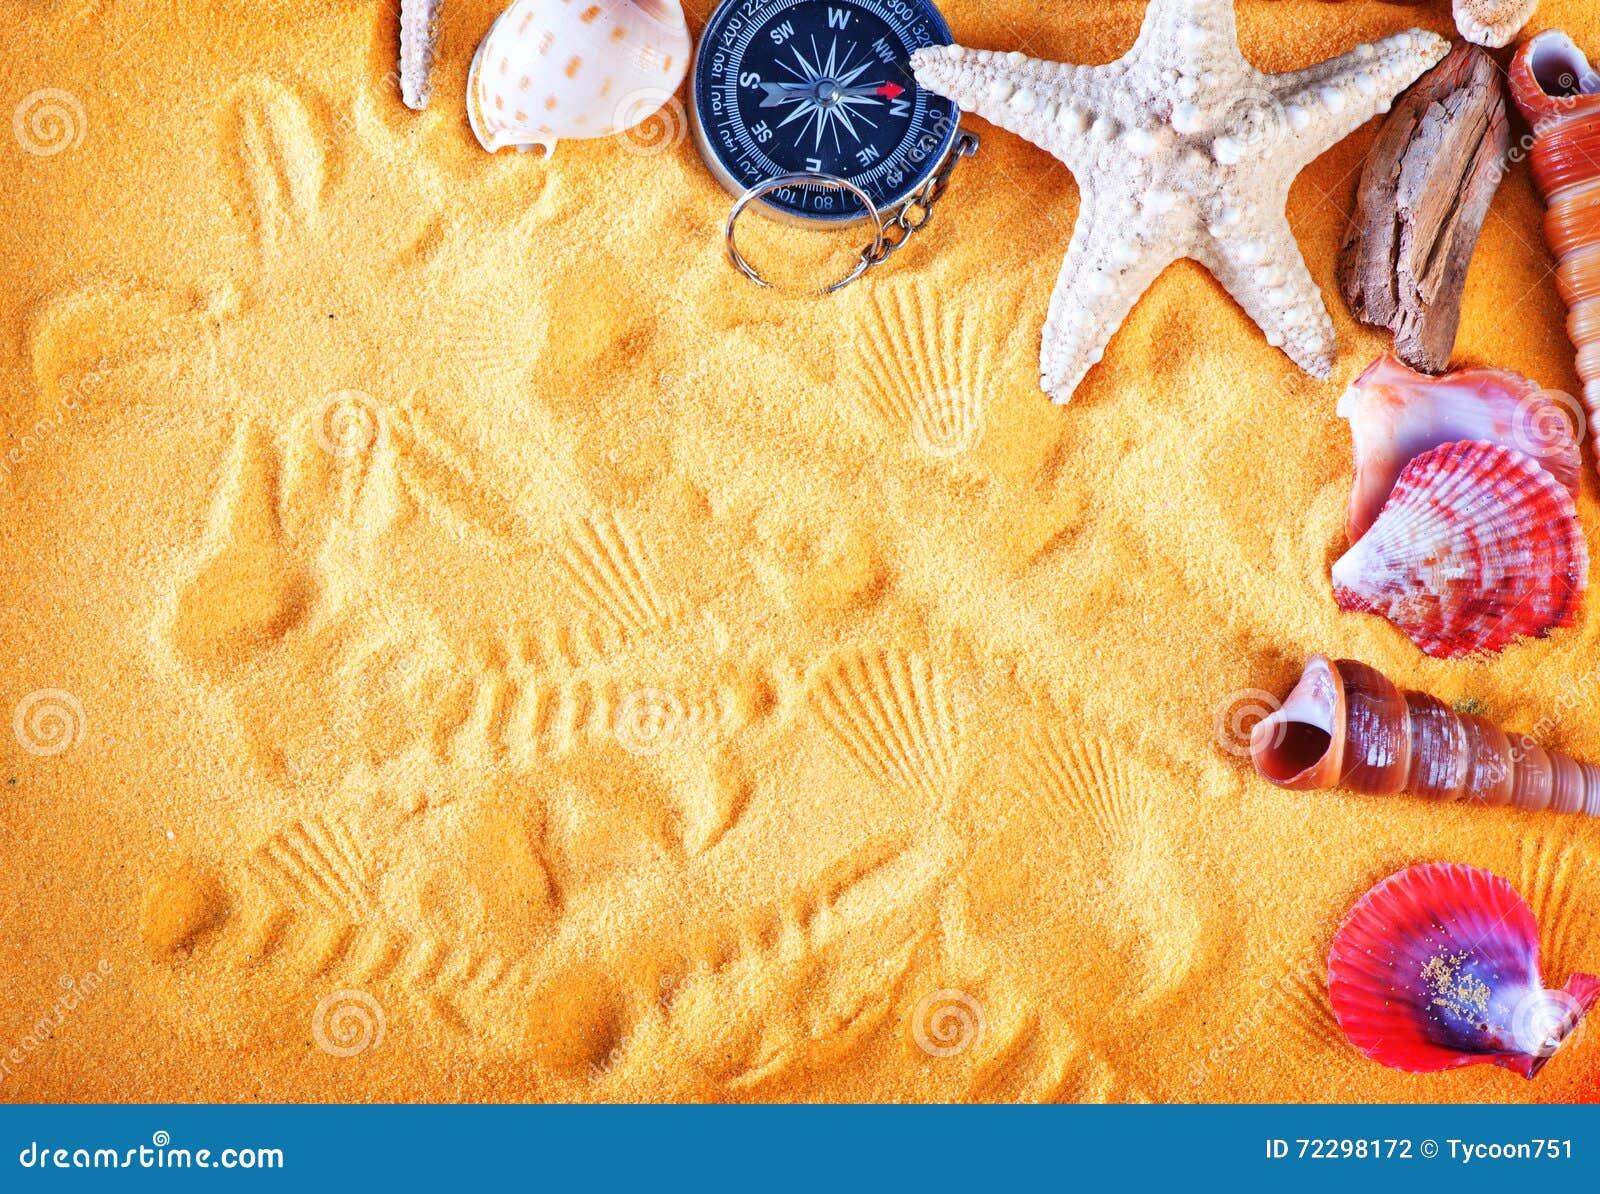 Download закрепляя изолированное море путя обстреливает белизну Стоковое Фото - изображение насчитывающей изображение, память: 72298172